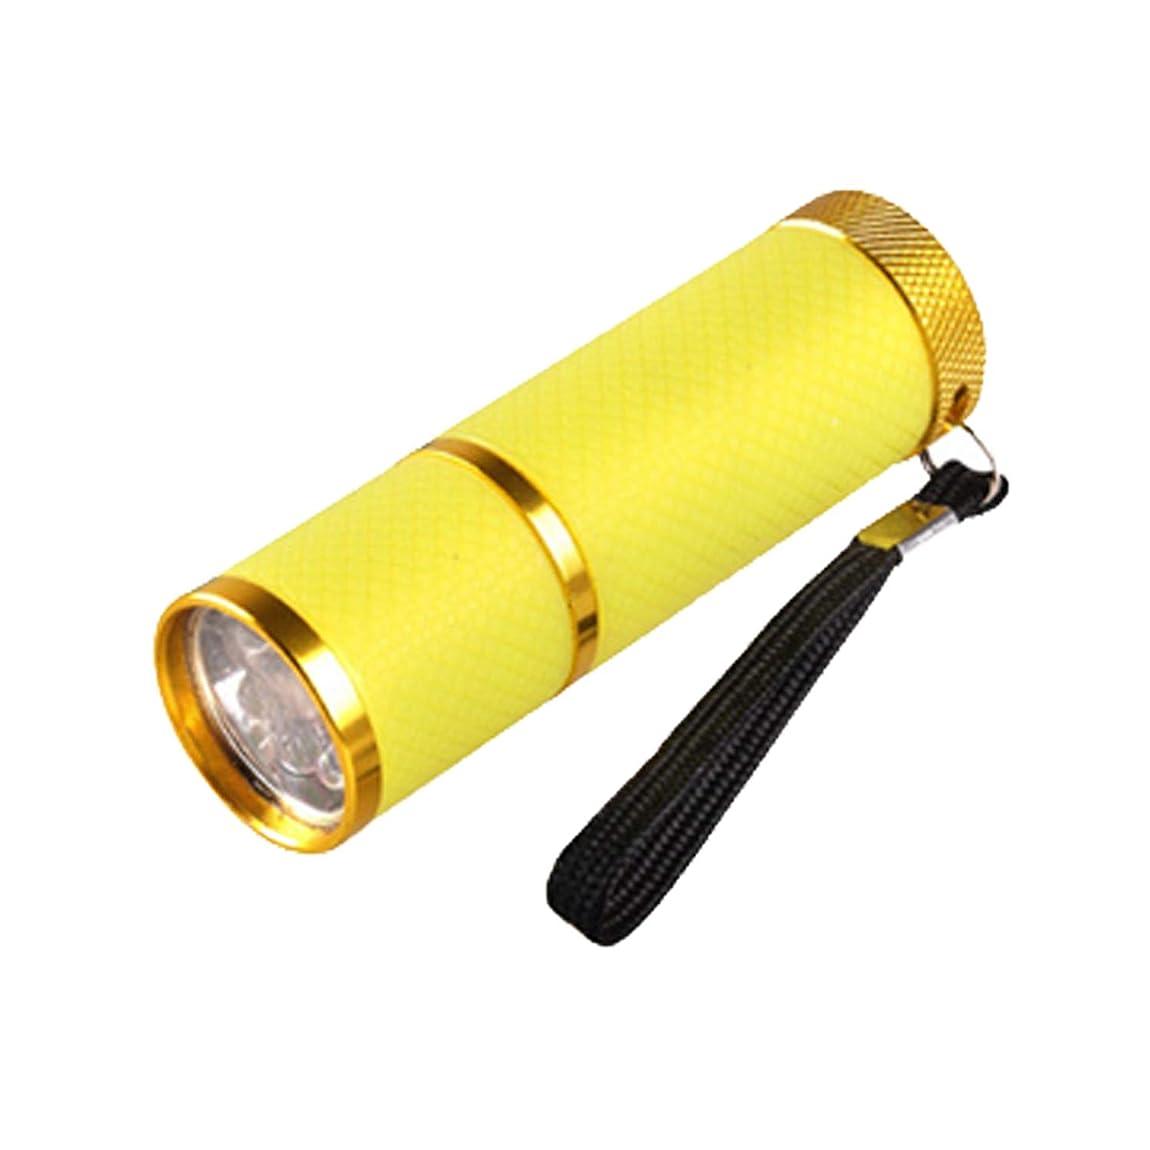 典型的なかご予測子ネイル?レジンクラフト LED UVライト イエロー BY-NL550 ネコポス発送 送料無料